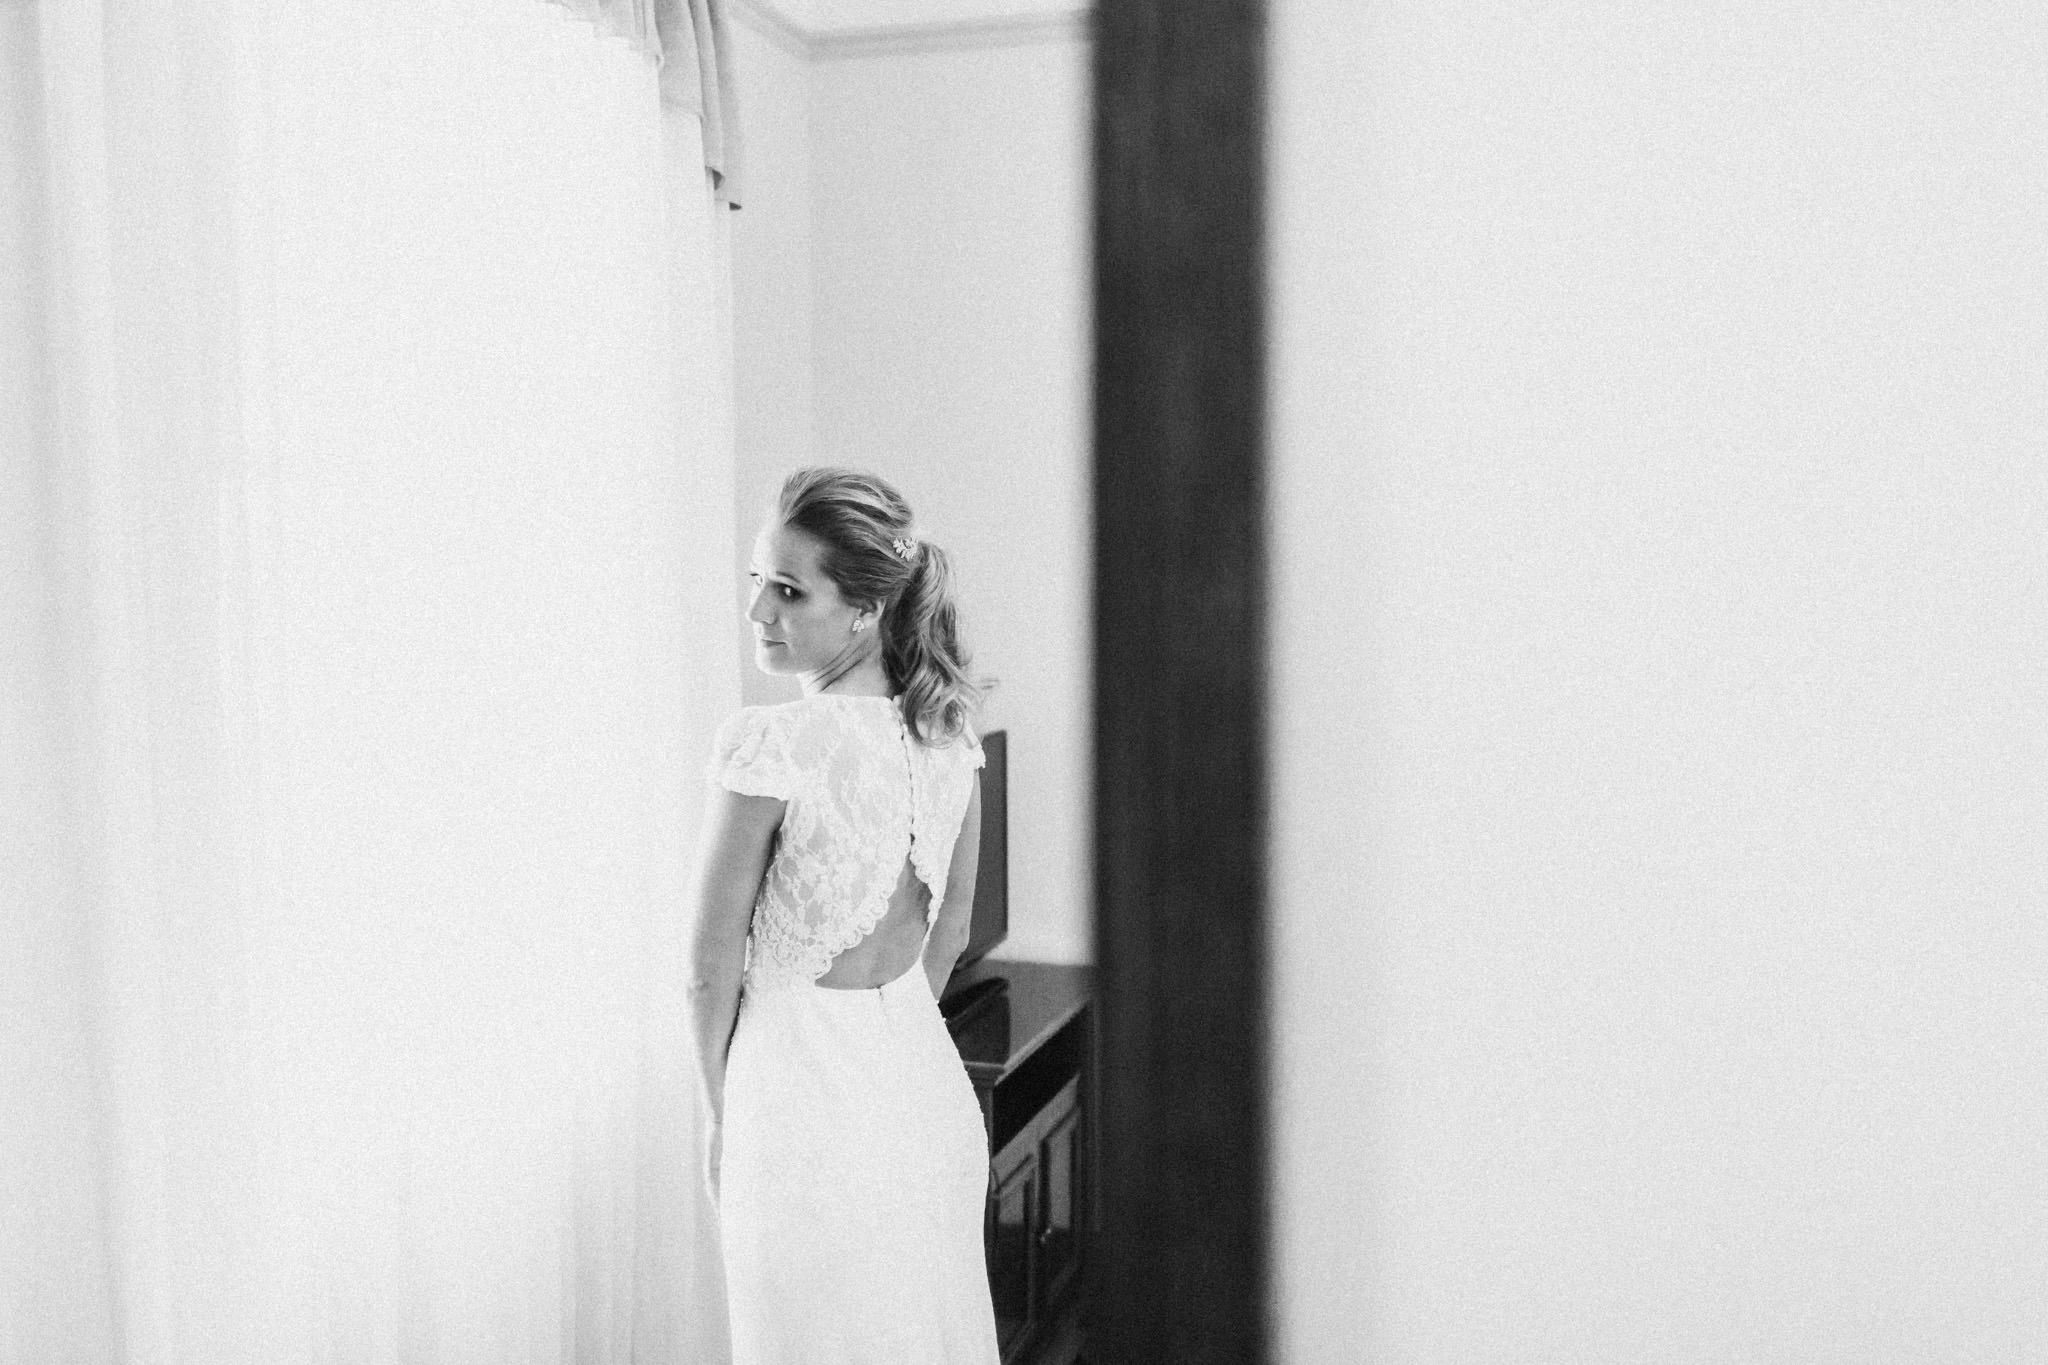 WeddingPhotos_Facebook_2048pixels-1200.jpg